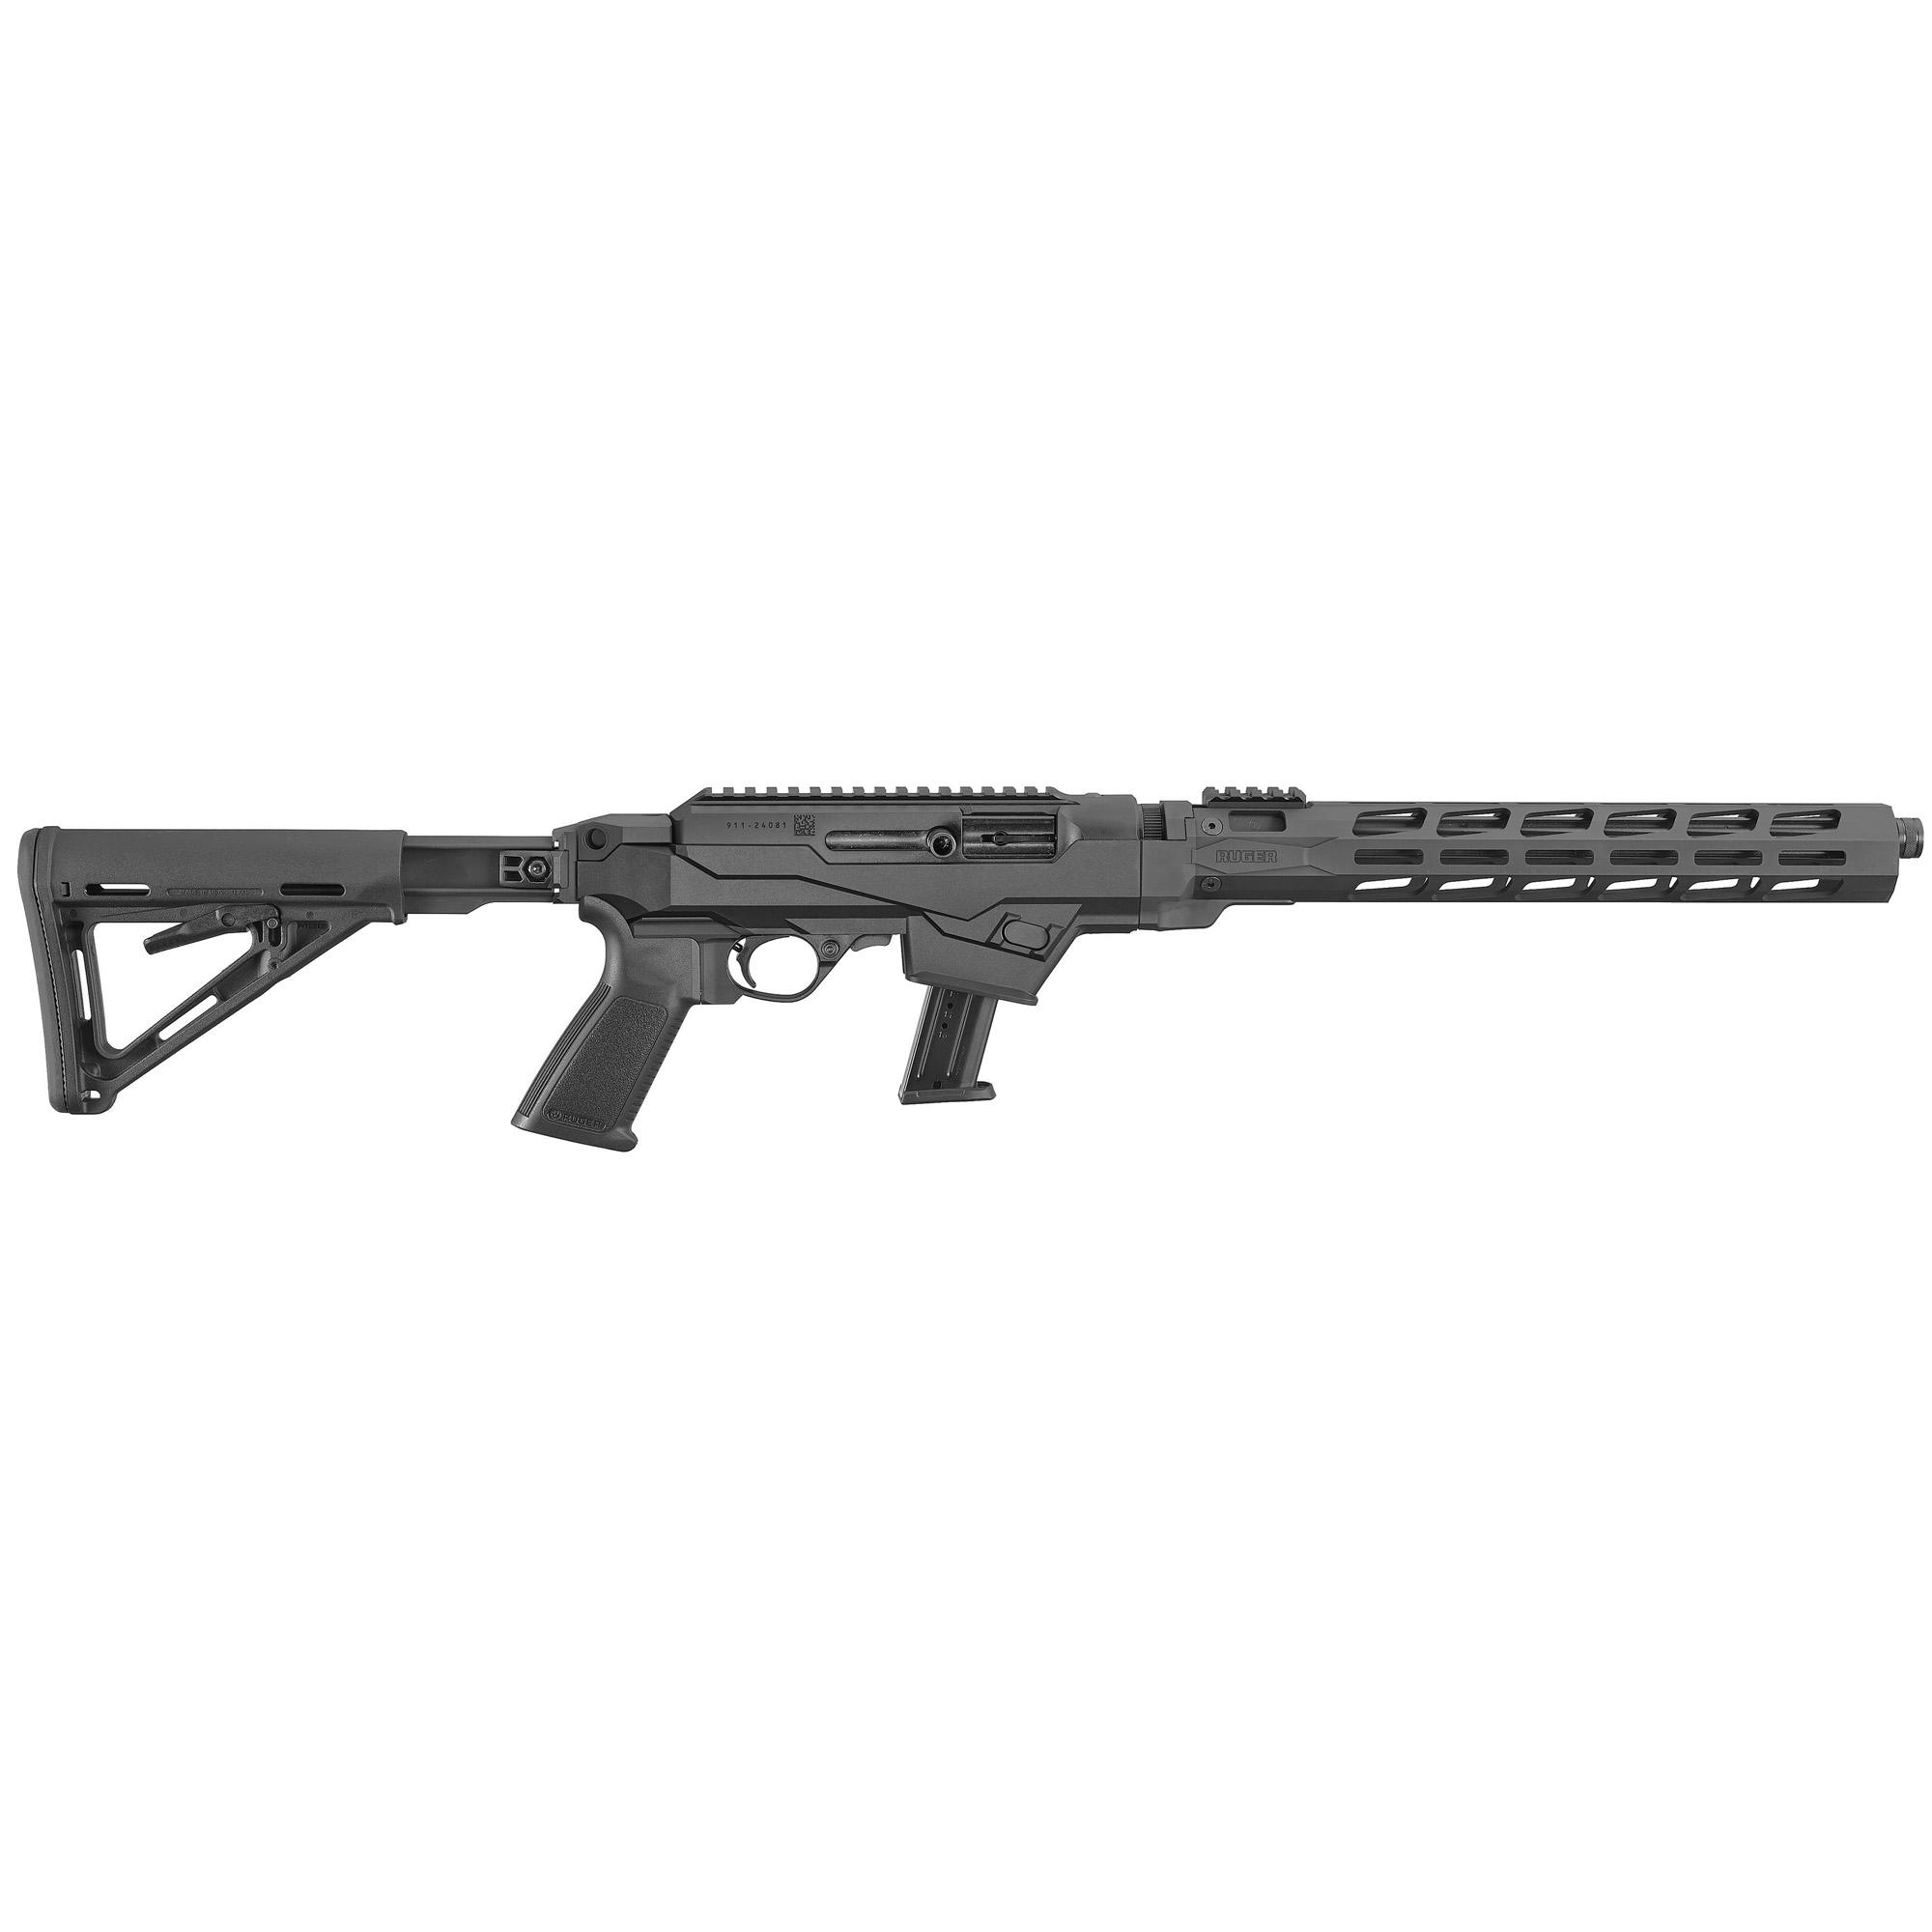 Ruger 19122 PC Carbine 9mm Luger 16.12